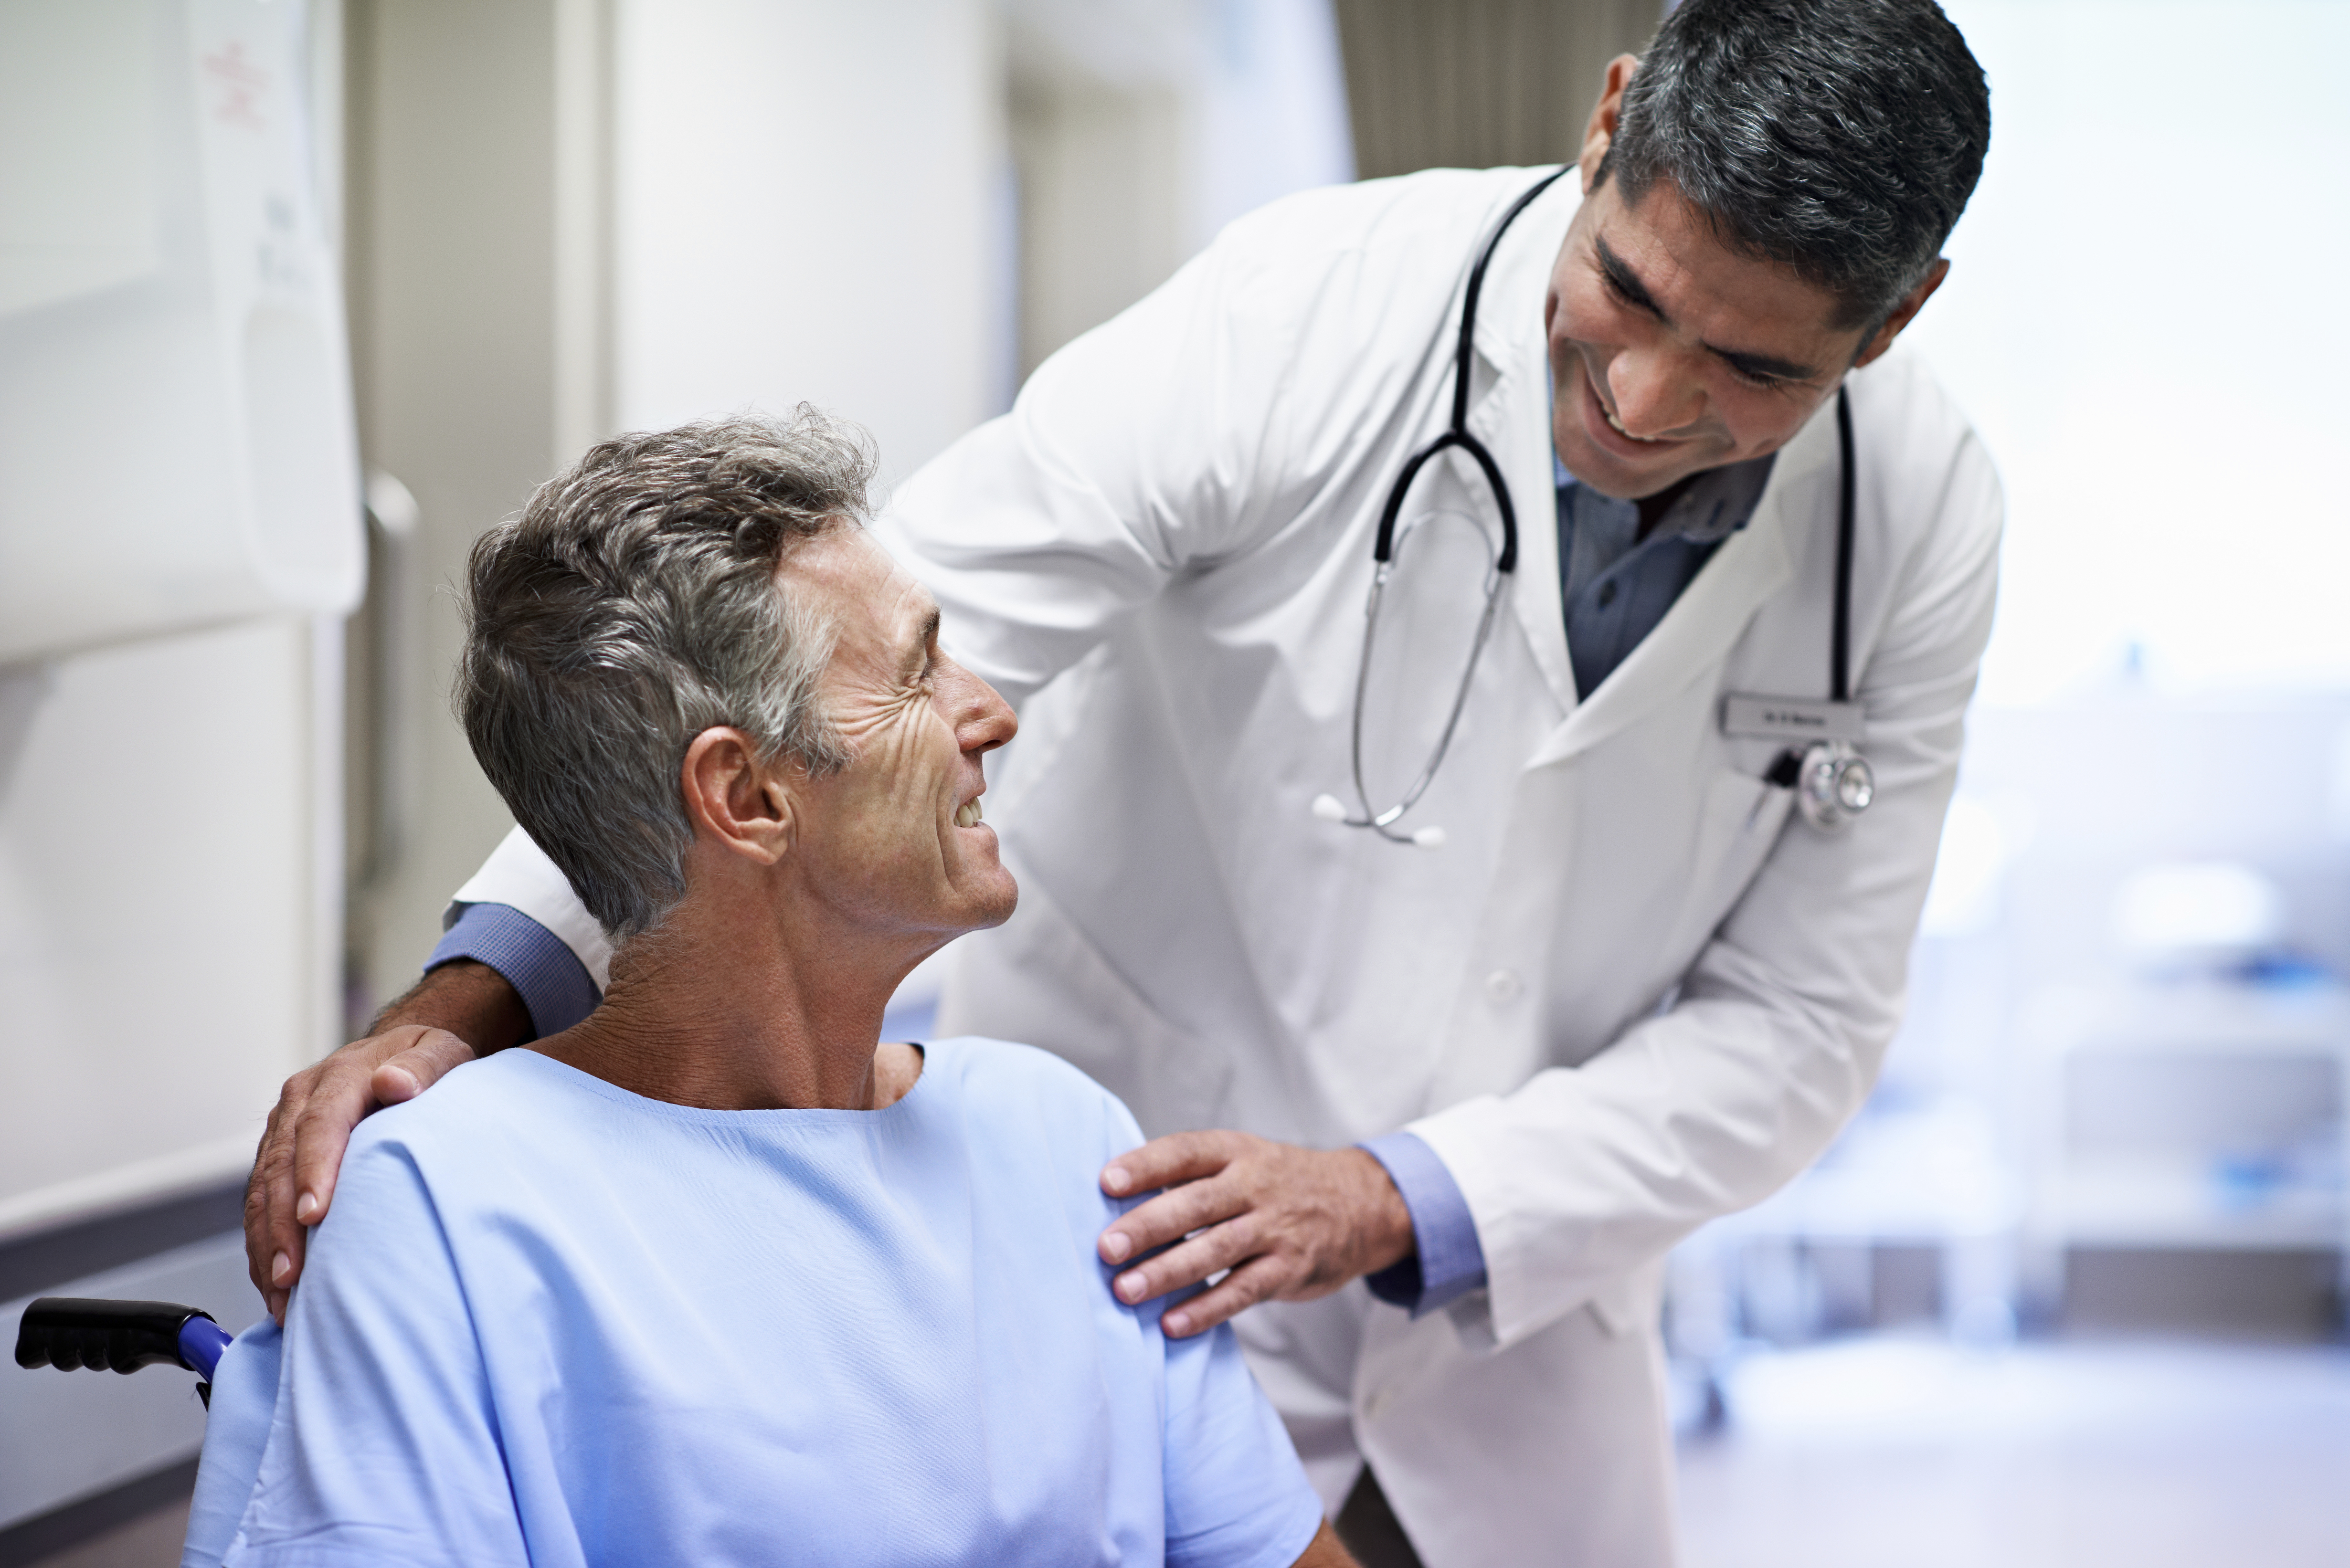 גם חולי סרטן יכולים לרכוש ביטוח